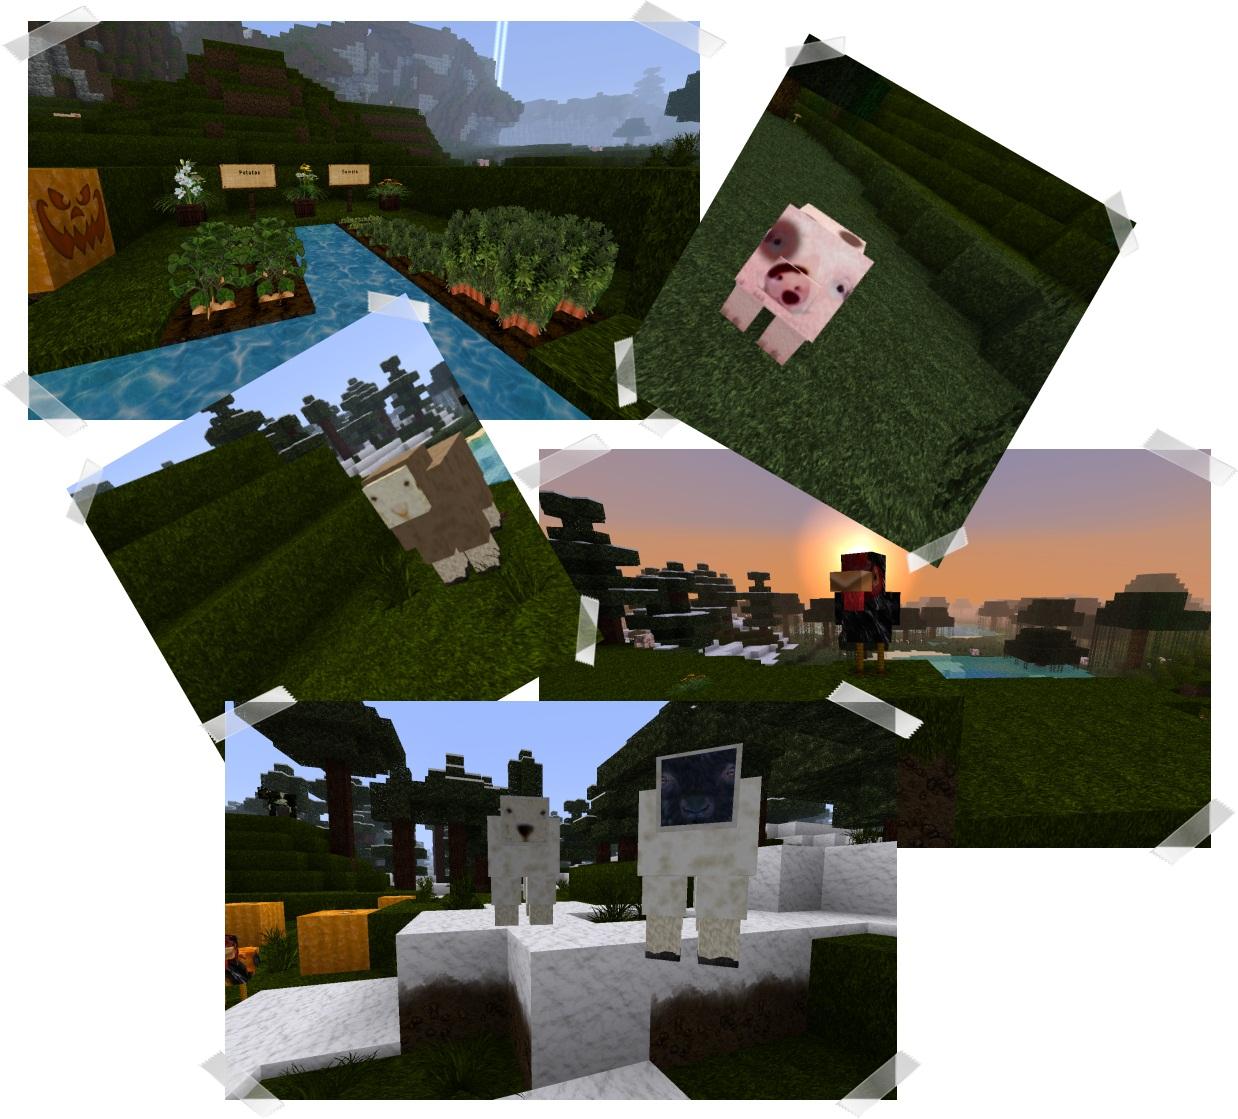 Faerielight-texture-pack-2.jpg